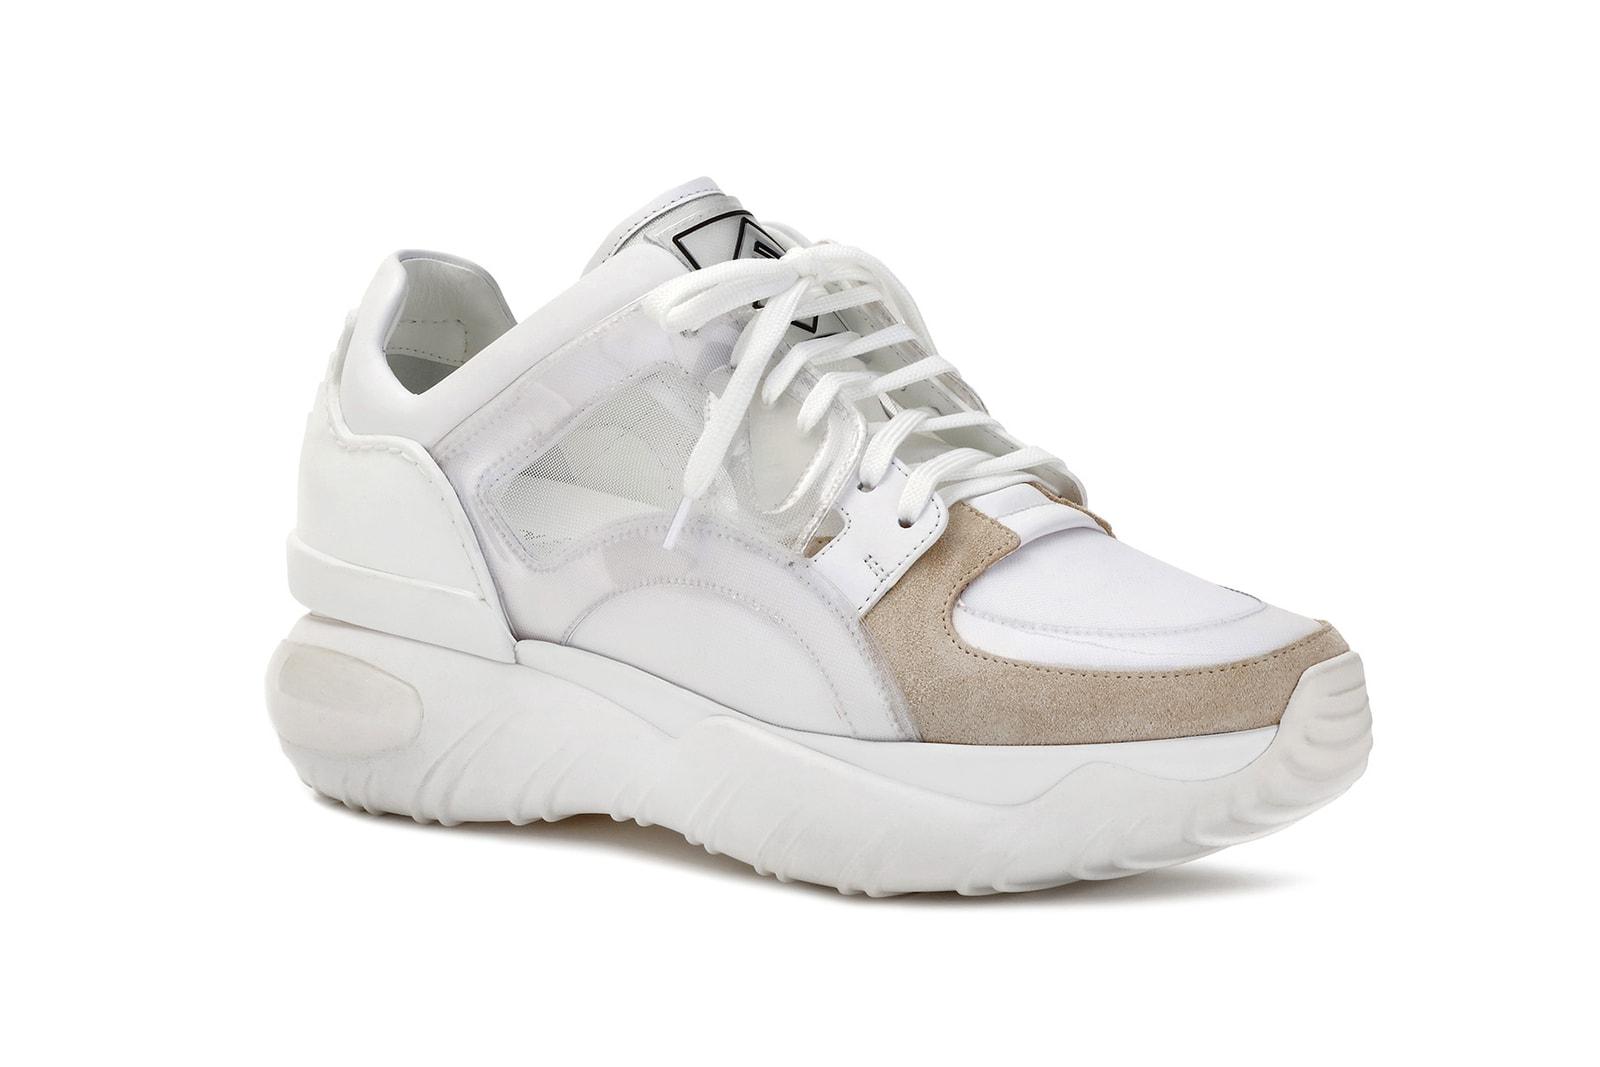 HYPEBEAST 率先預覽 Fancy FENDI 秋冬系列 Dad Shoes